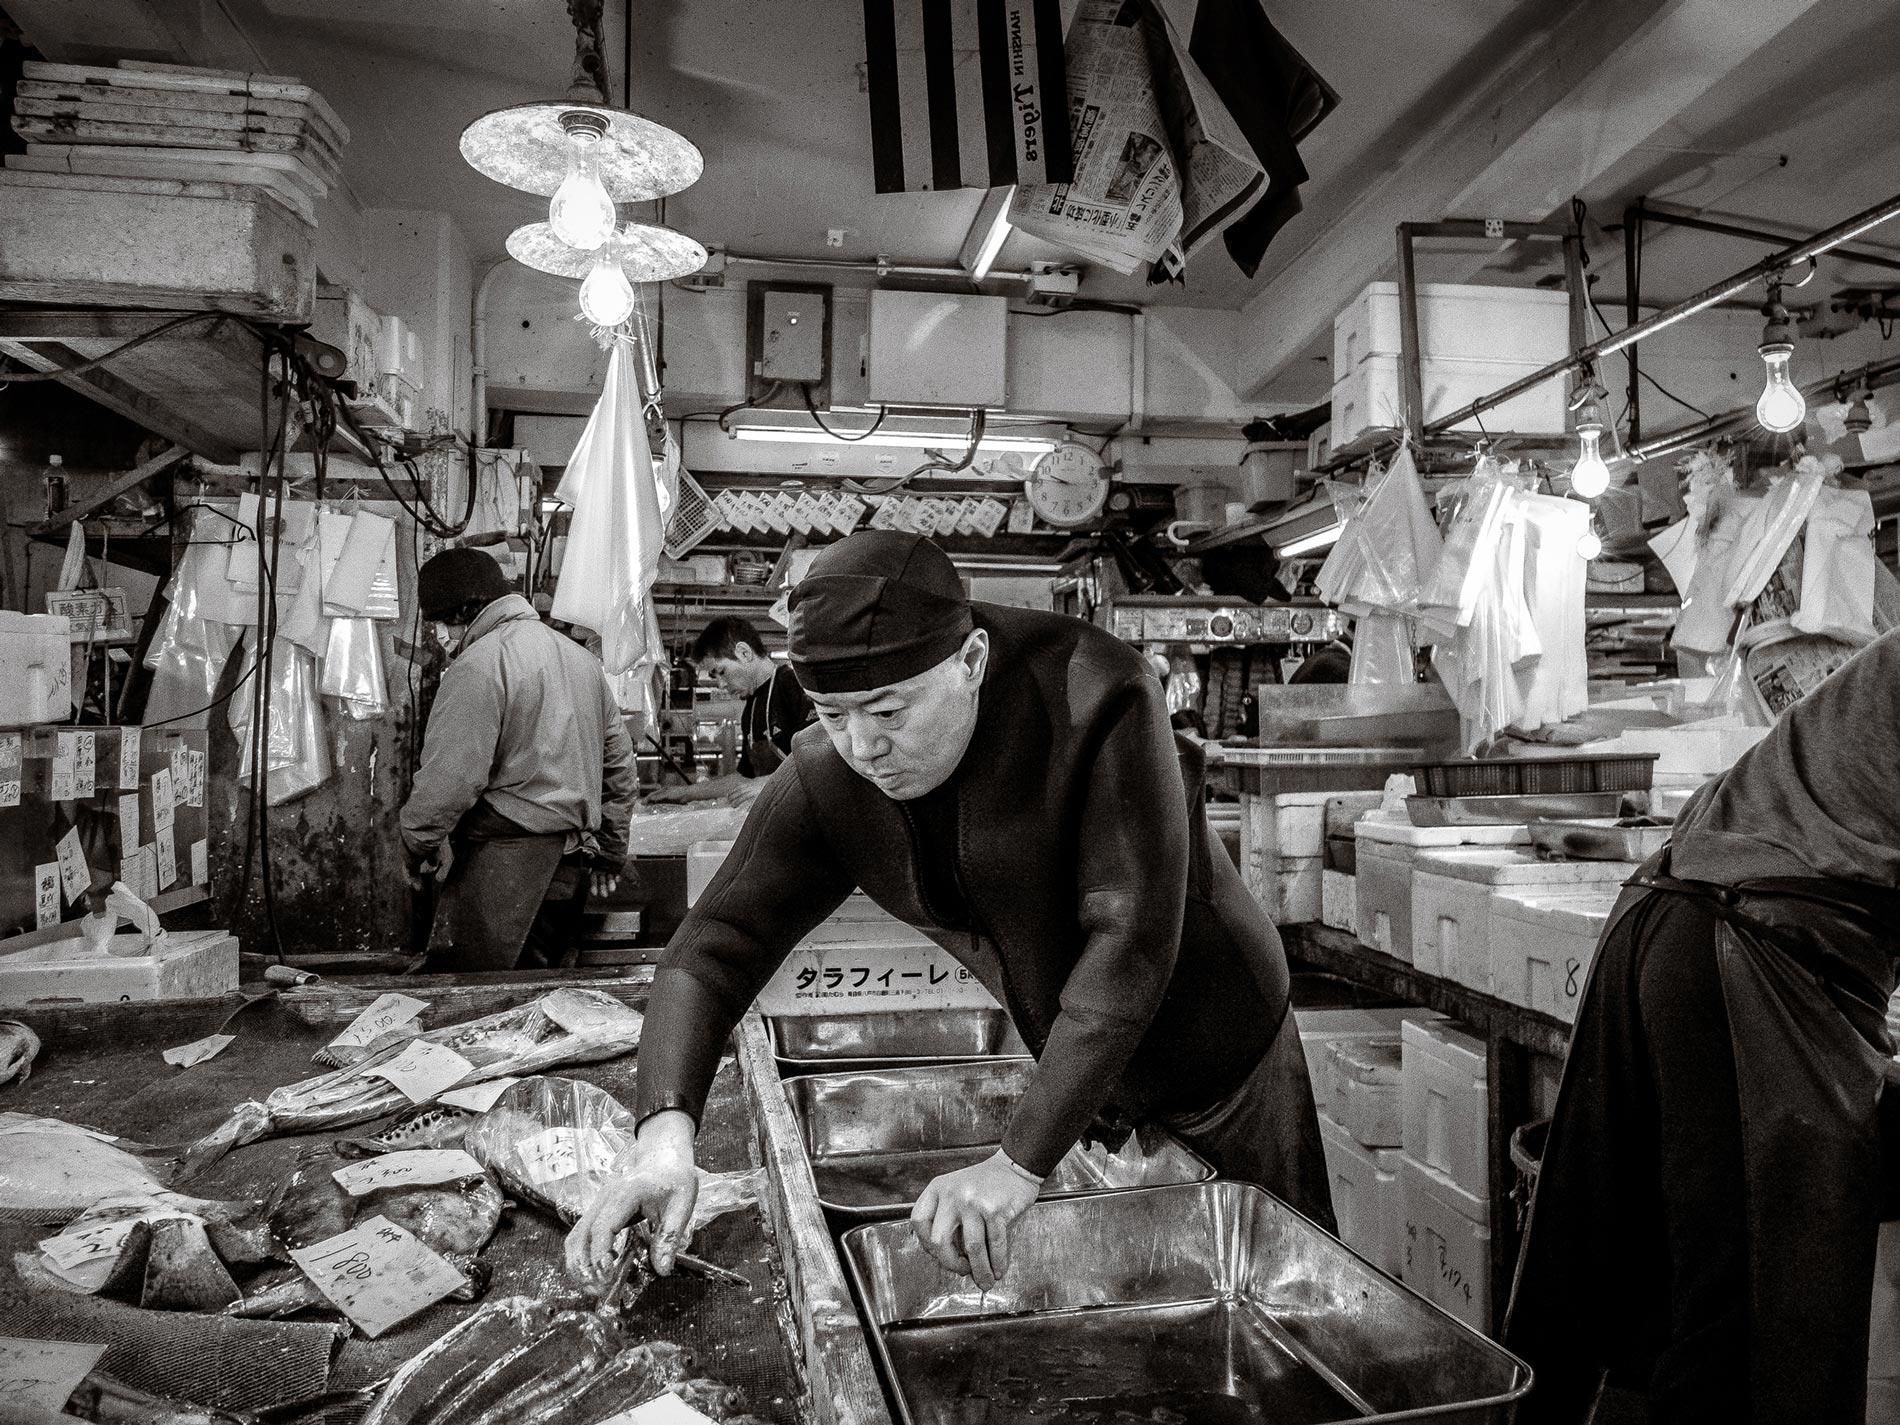 Wetsuit man Tsukiji fish market - Tokyo